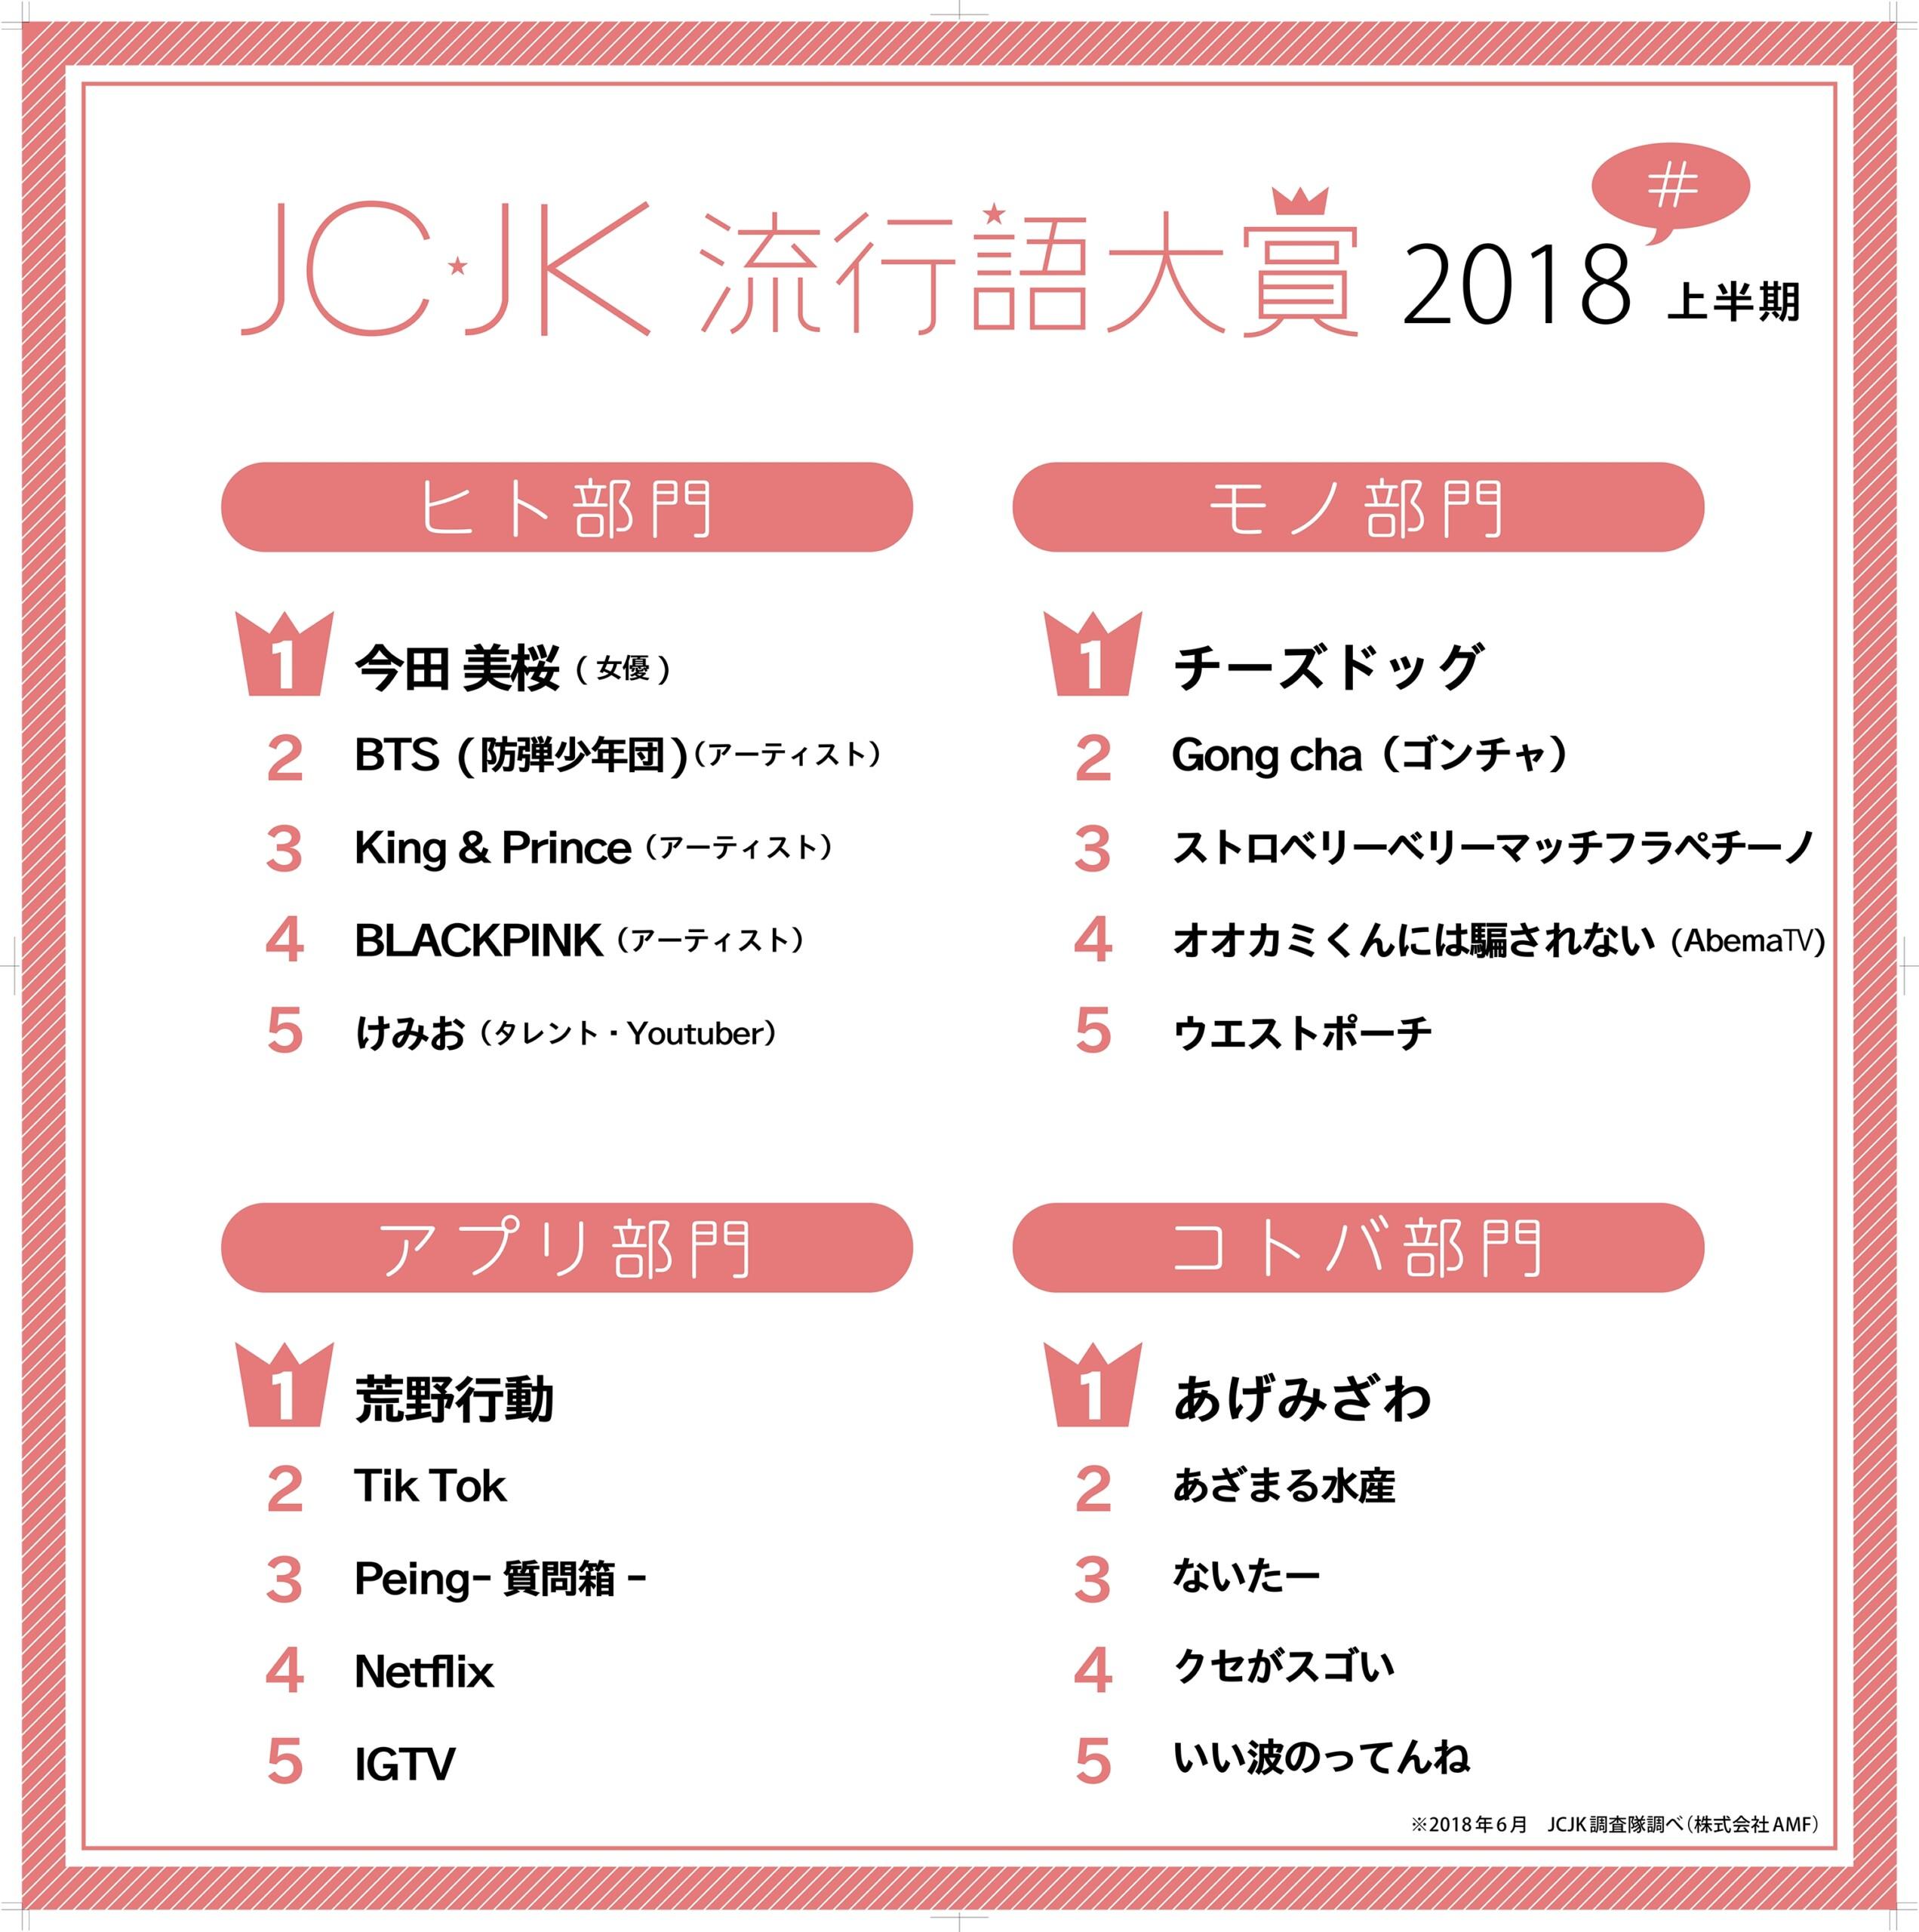 JC!JK!JJえつこ!?デジナビっぽい「2つの流行語大賞2018」